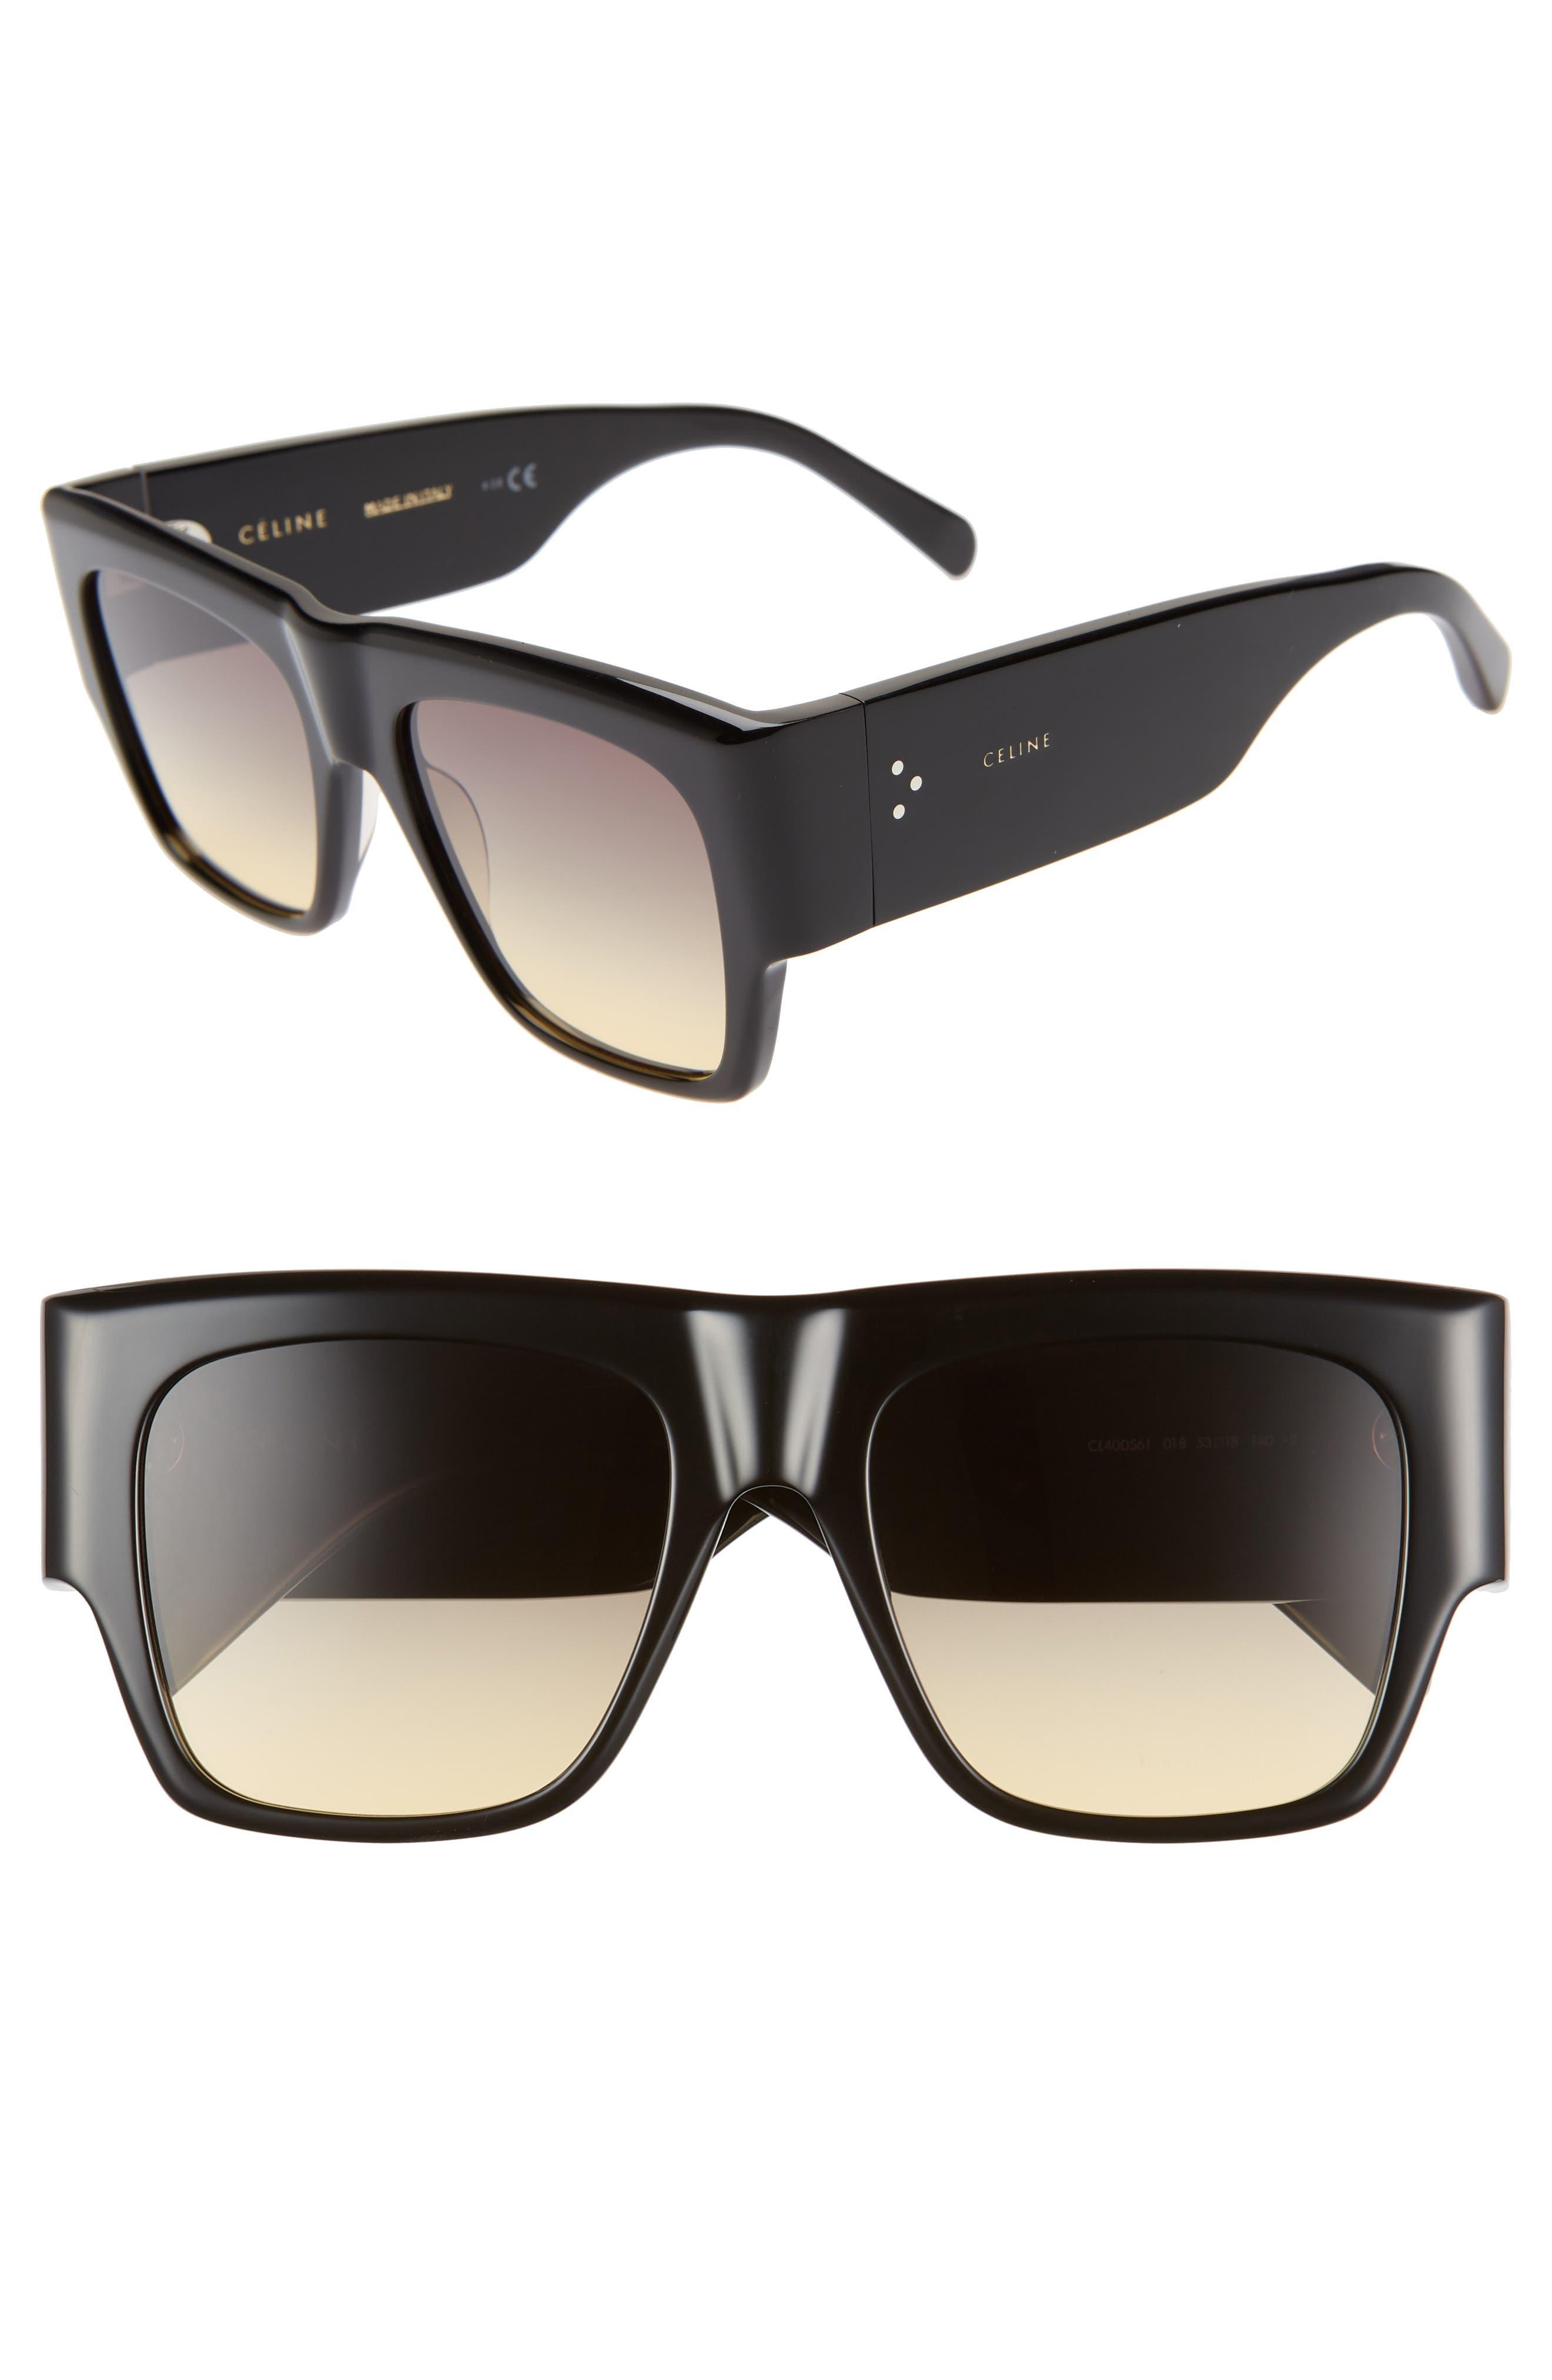 Céline 56mm Special Fit Gradient Flat Top Sunglasses, Main, color, 001